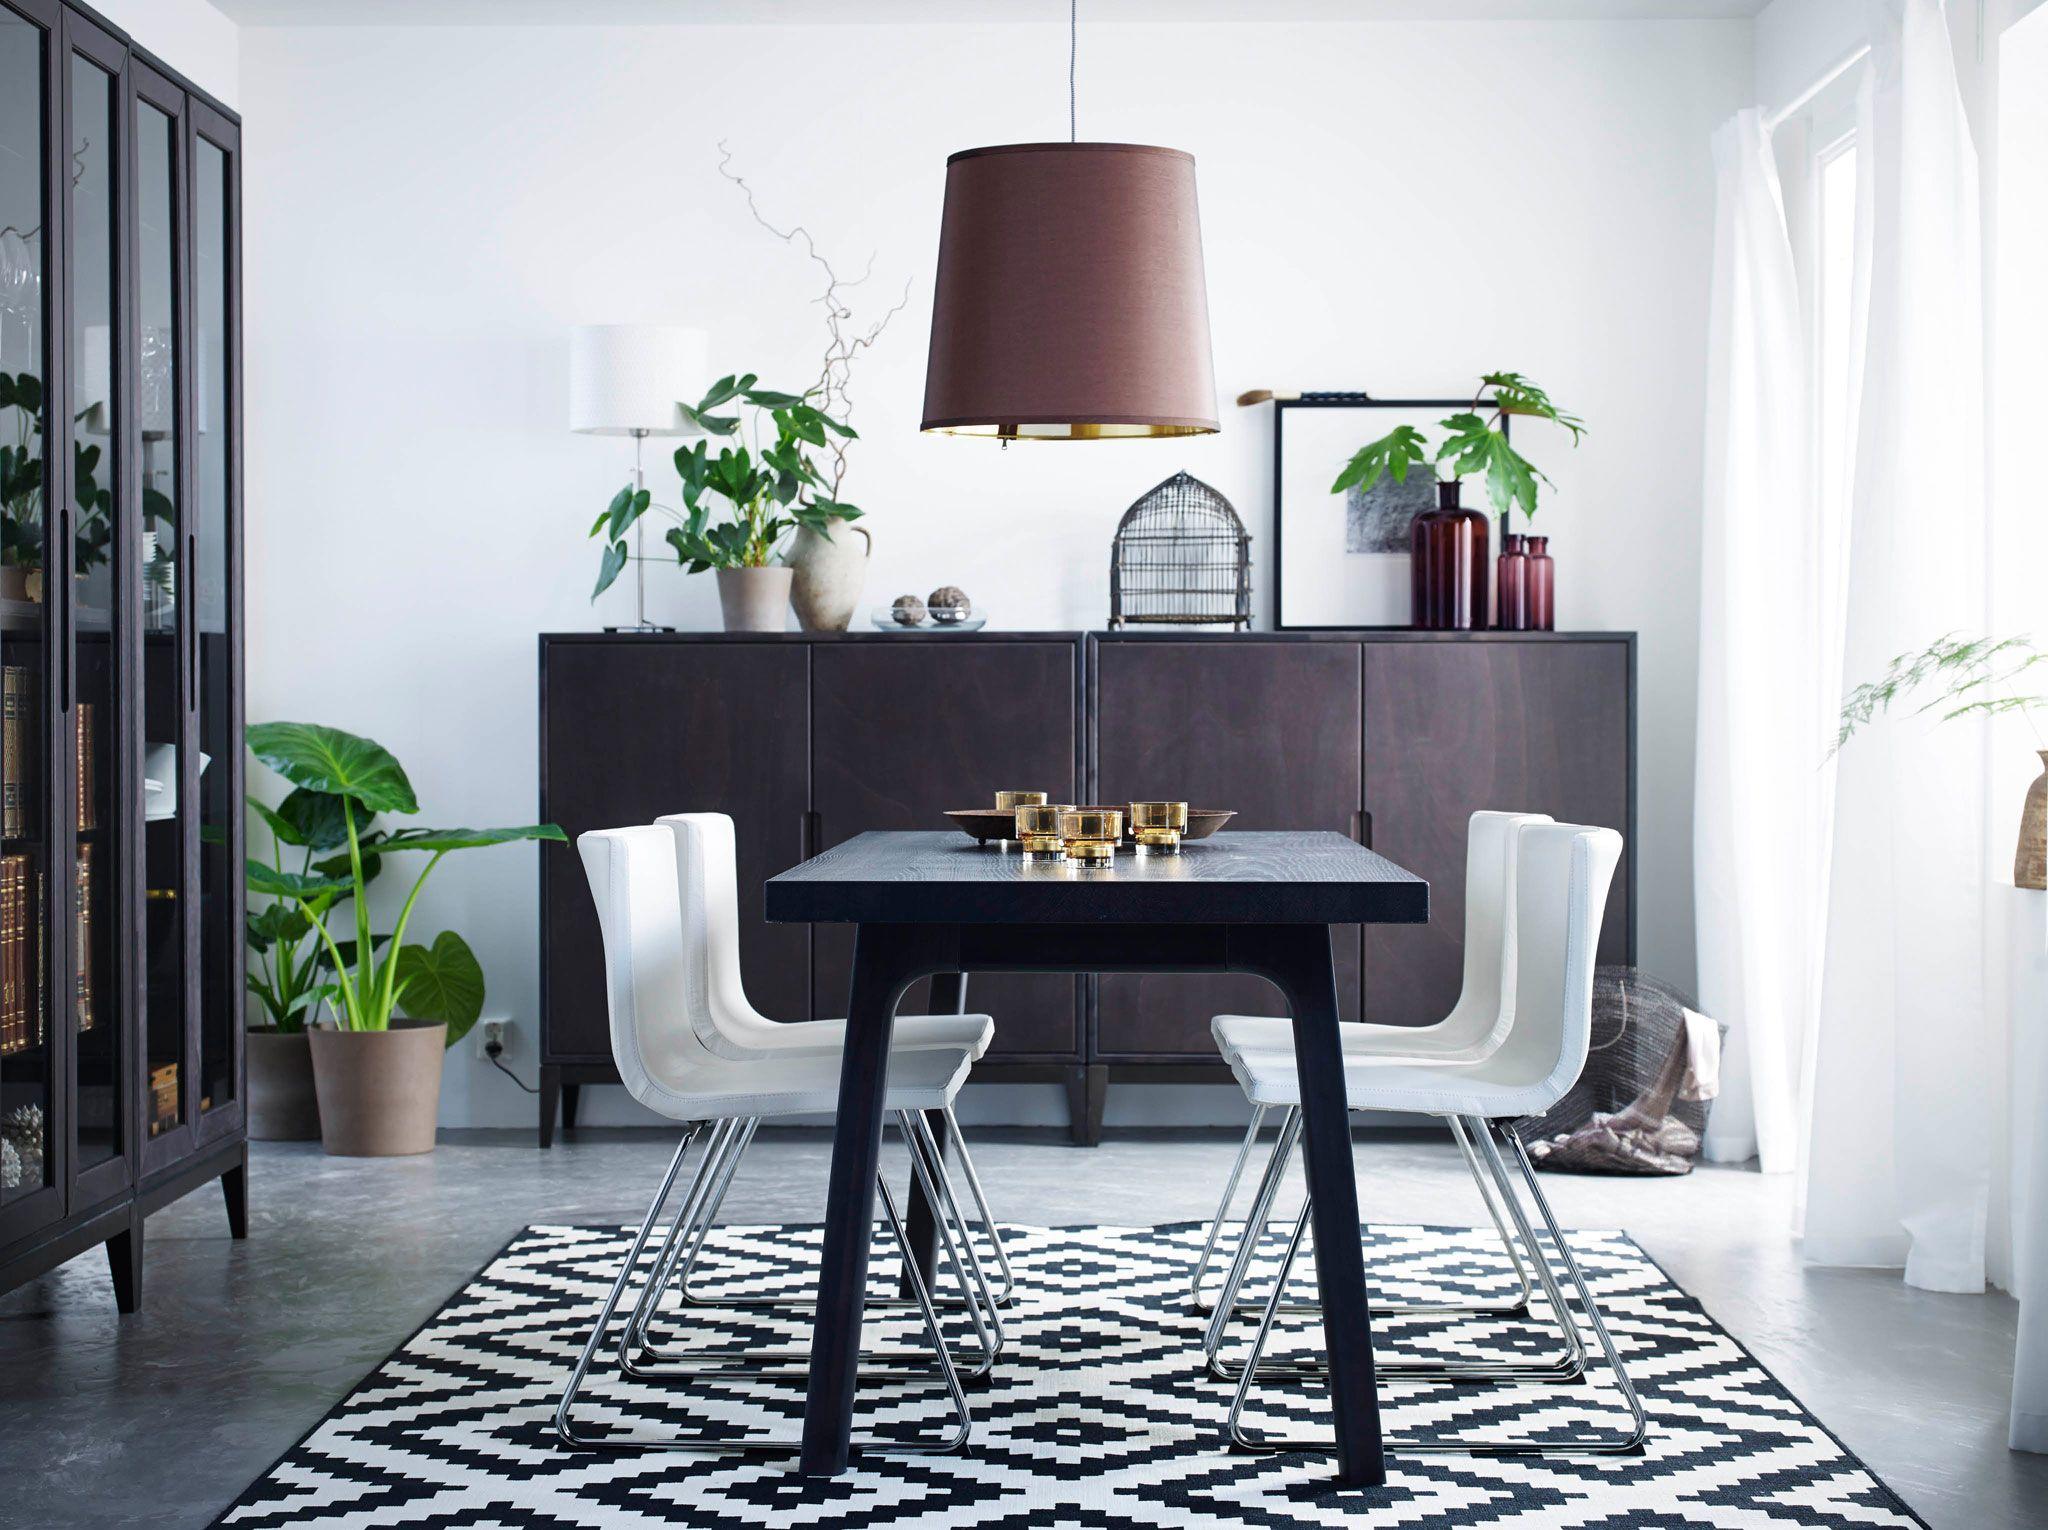 Kleiner Esstisch Mit Stuhlen Beautiful Esstisch Stuhlen Kleiner Tisch Weis Hoher Barhocker